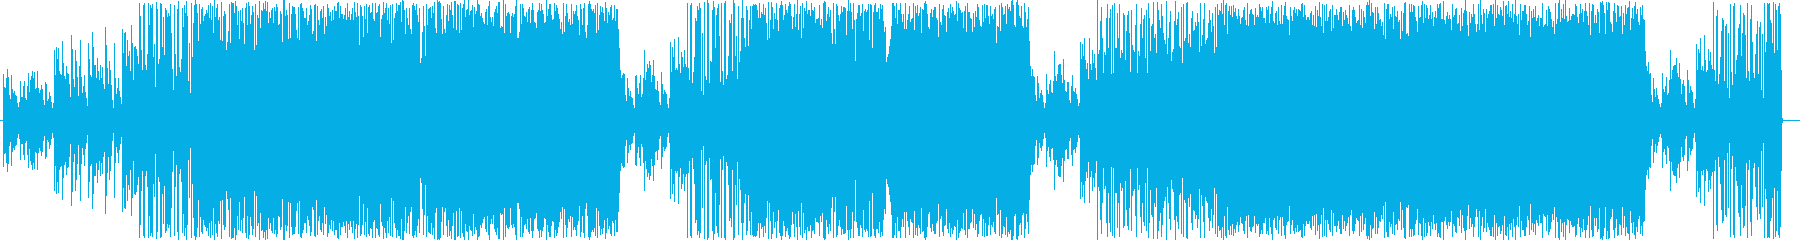 幻想的な雰囲気のHIPHOPの再生済みの波形